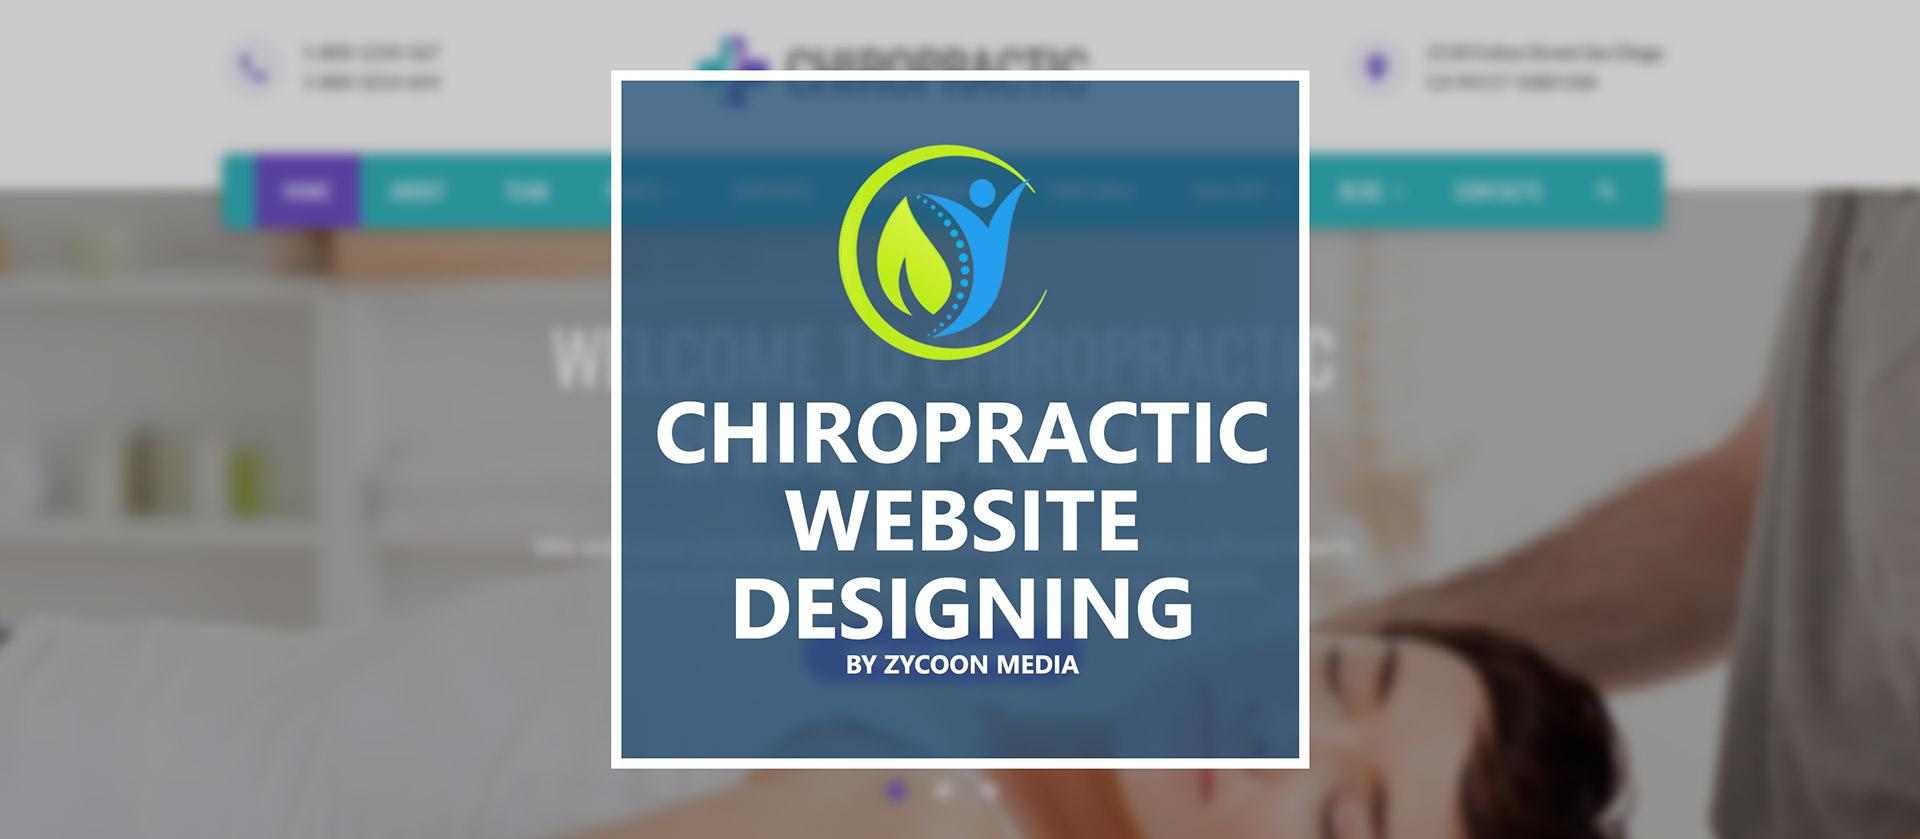 Chiropractic Website Seo Design